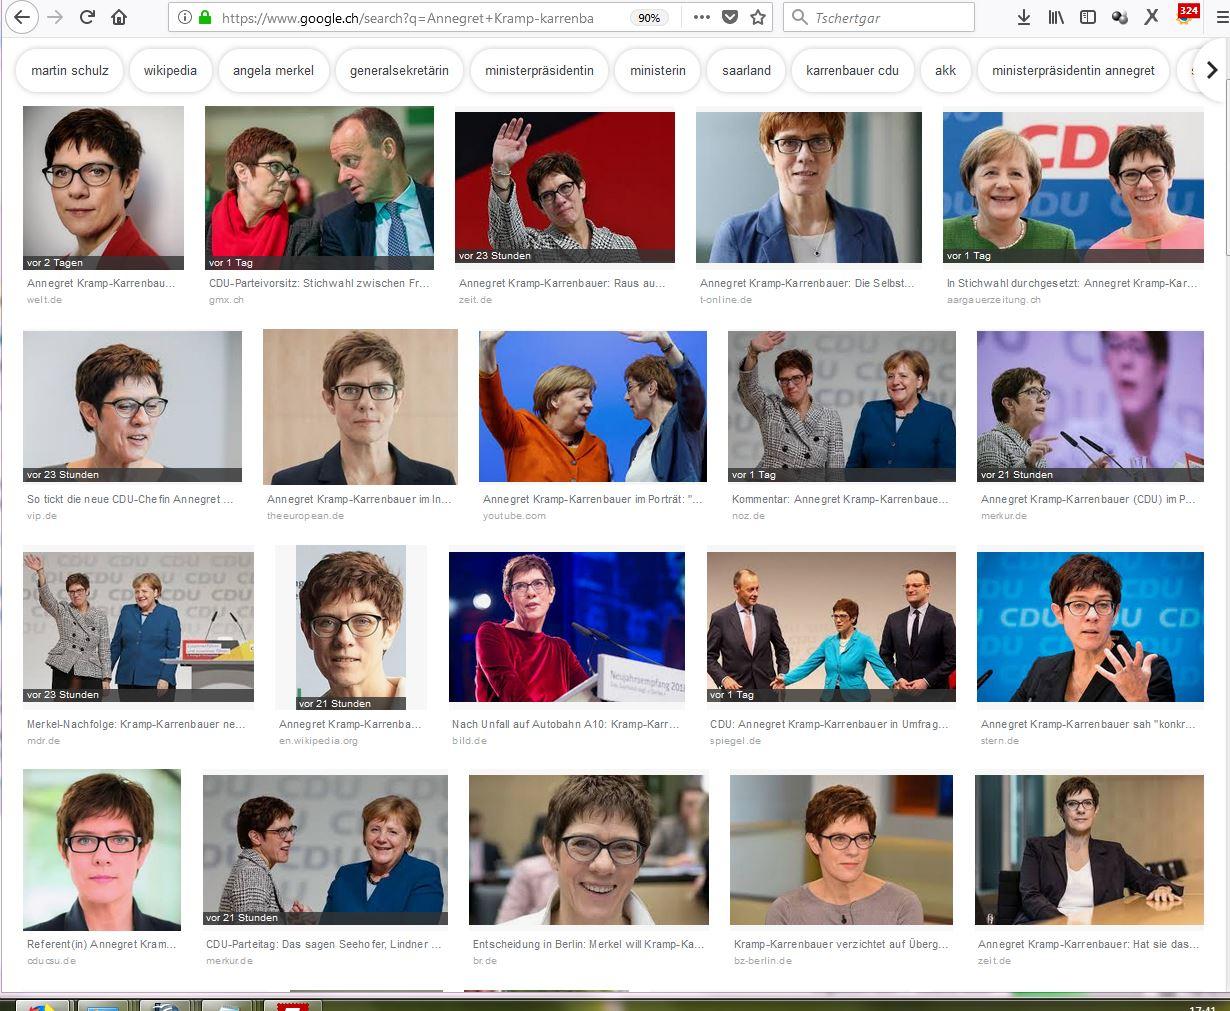 Das erste Foto und das in unten links in der letzten Reihe: Photoshop läßt grüßen...